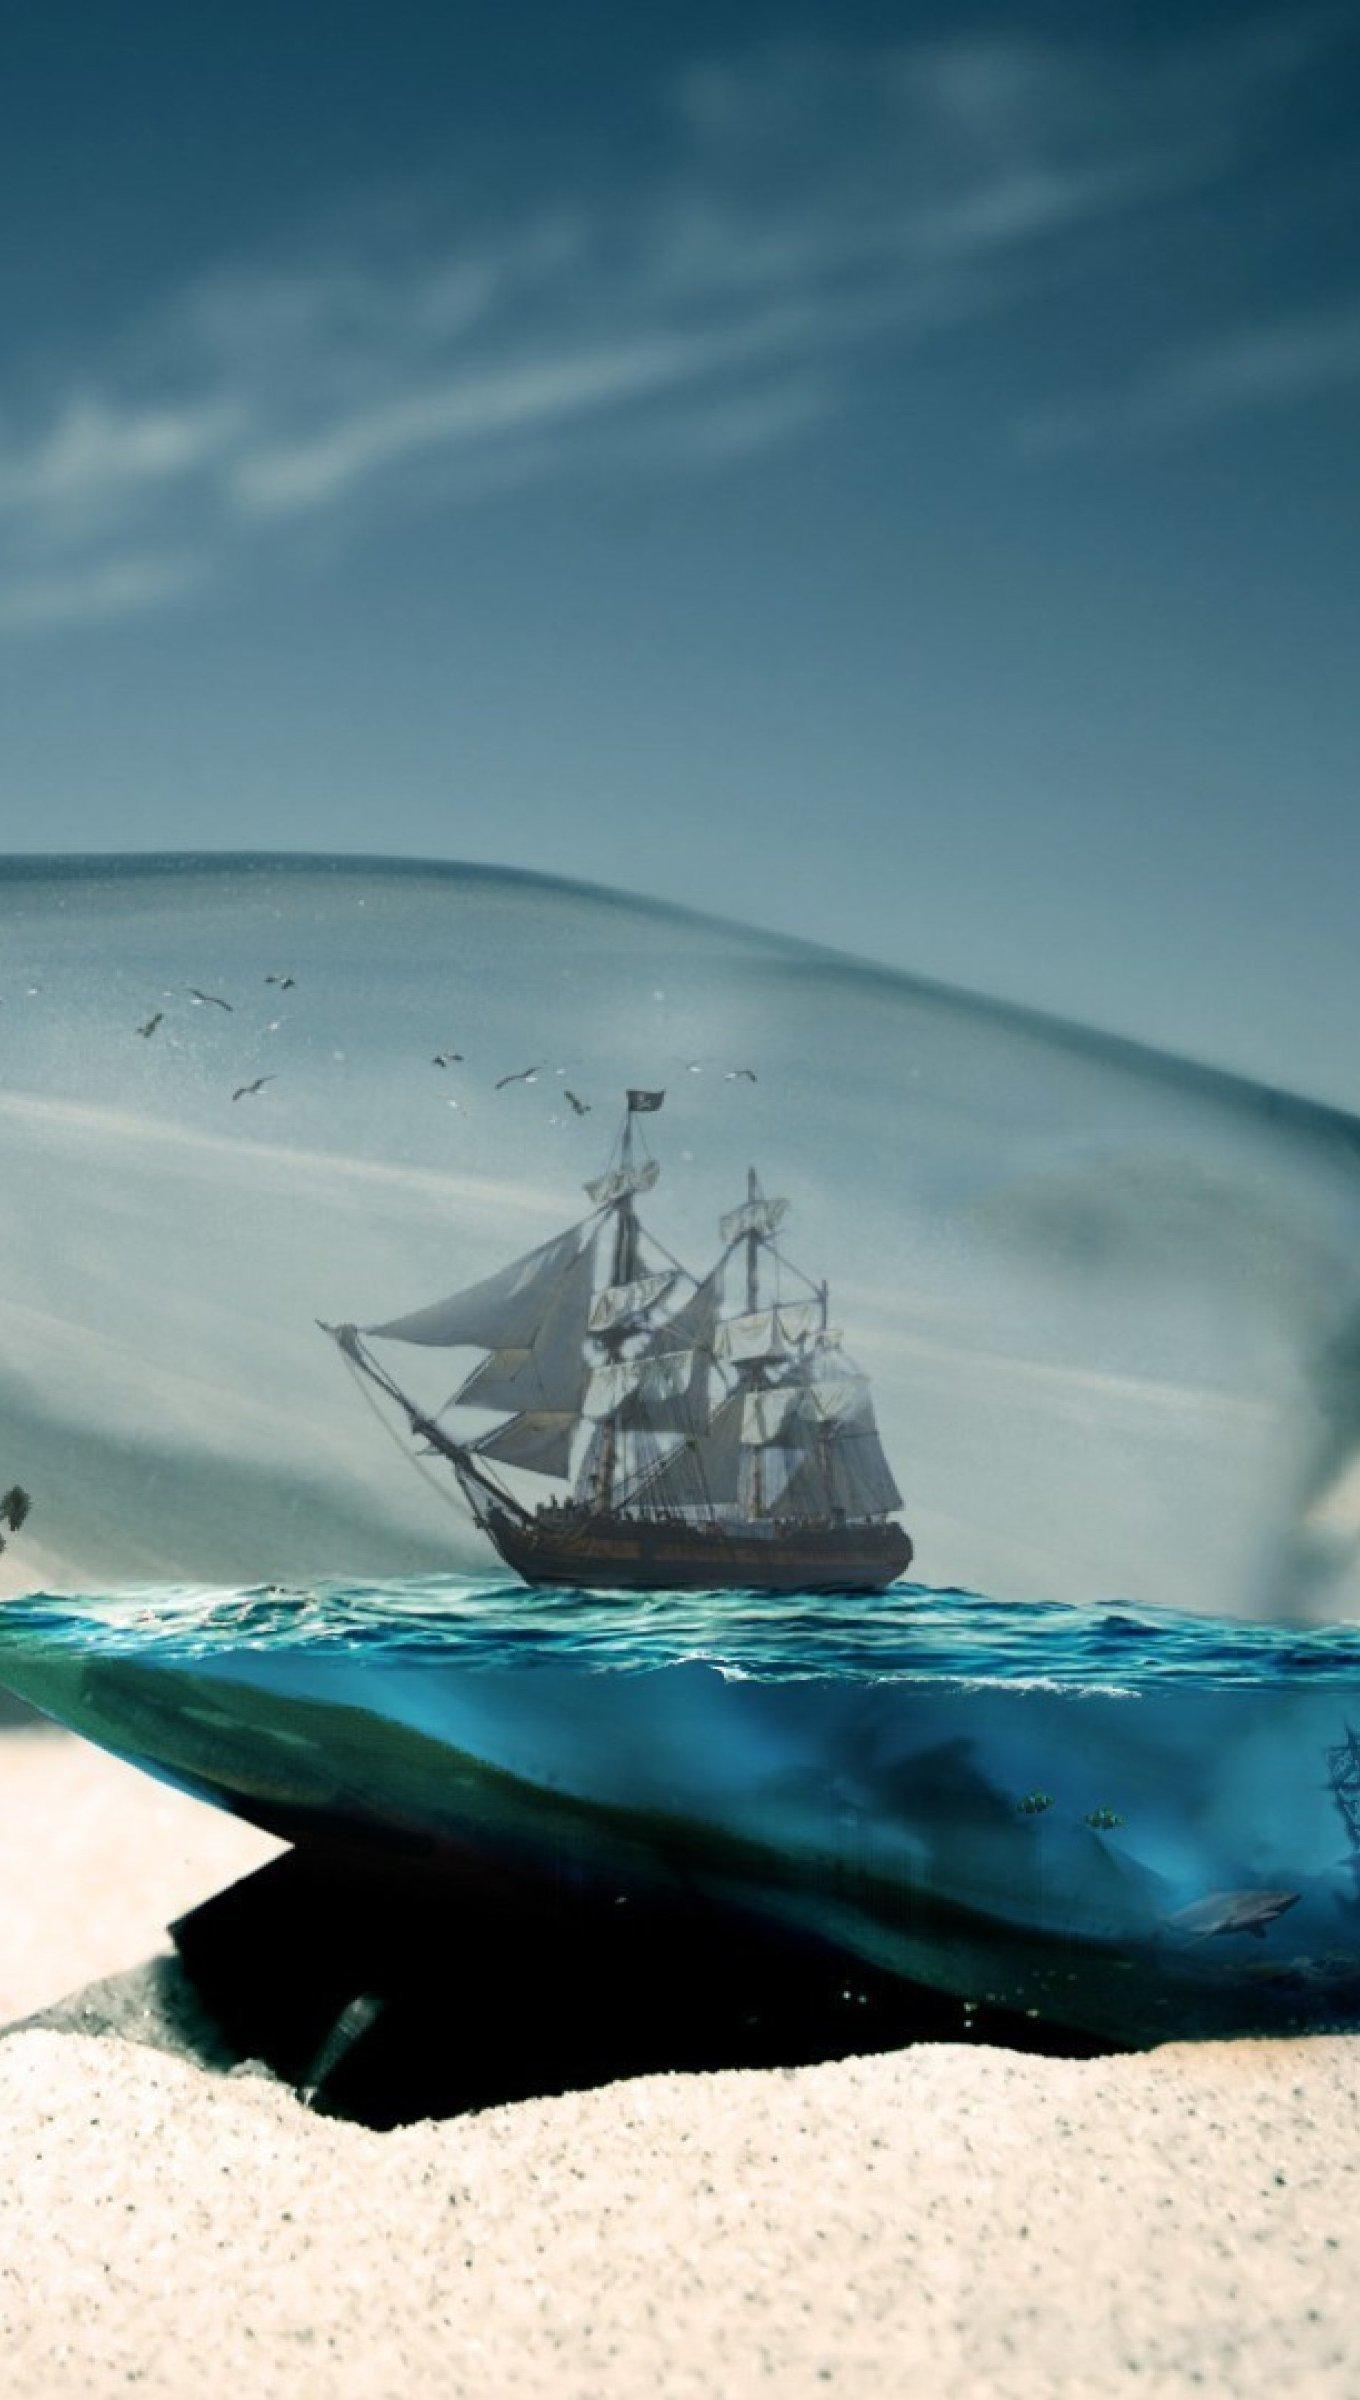 Wallpaper Ship in the sea inside a bottle Vertical